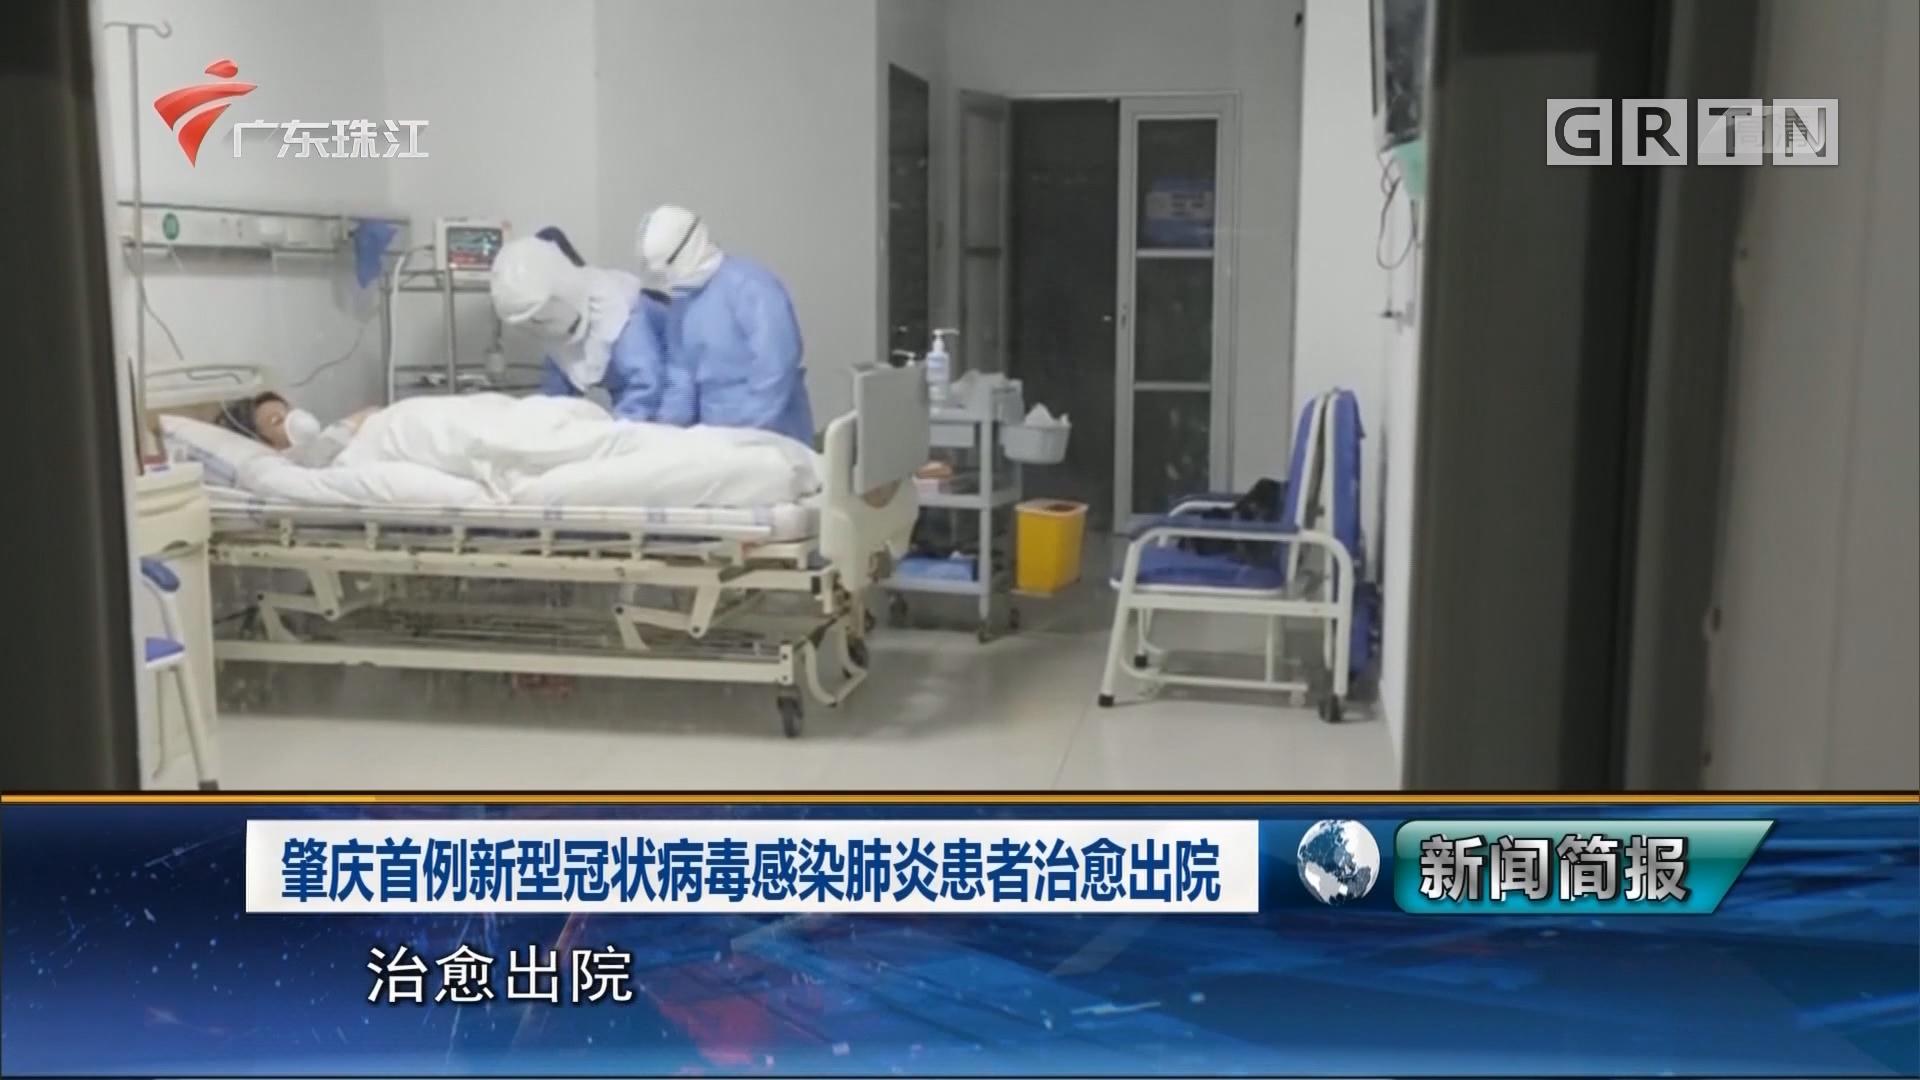 肇庆首例新型冠状病毒感染肺炎患者治愈出院